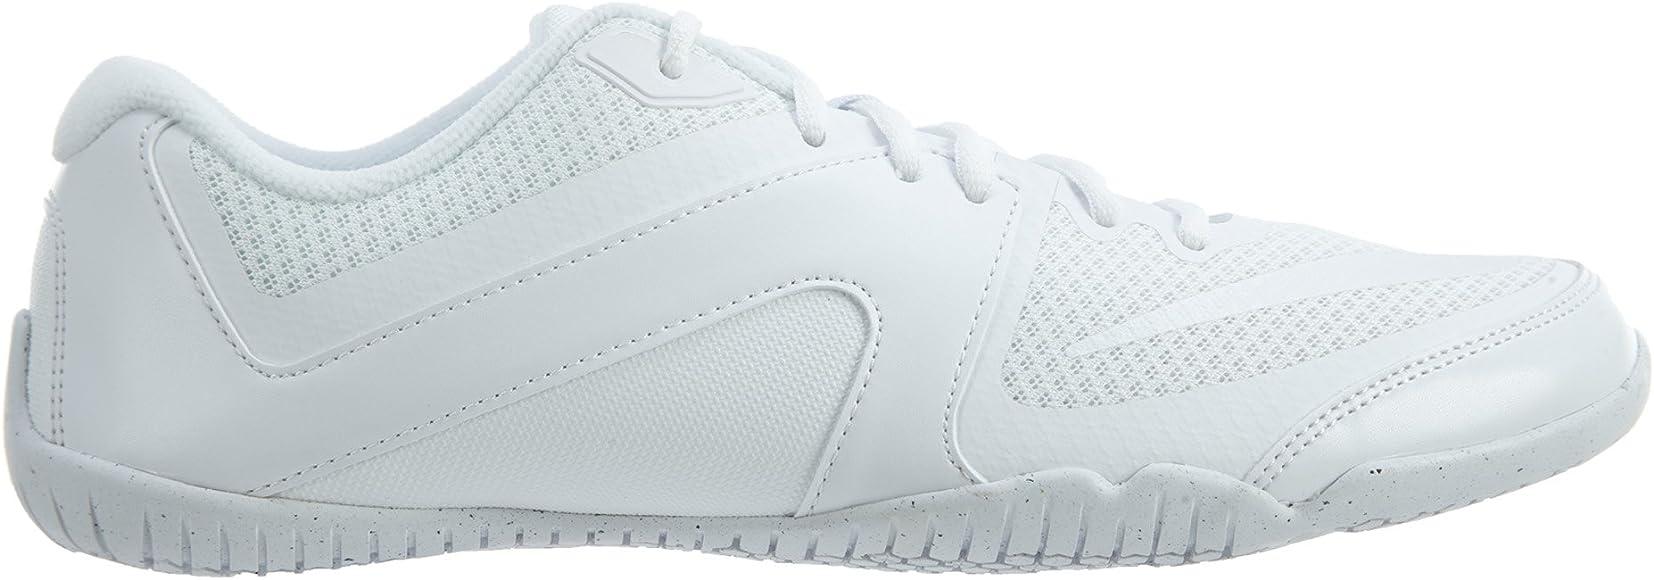 Amazon.com | Nike Cheer Scorpion White